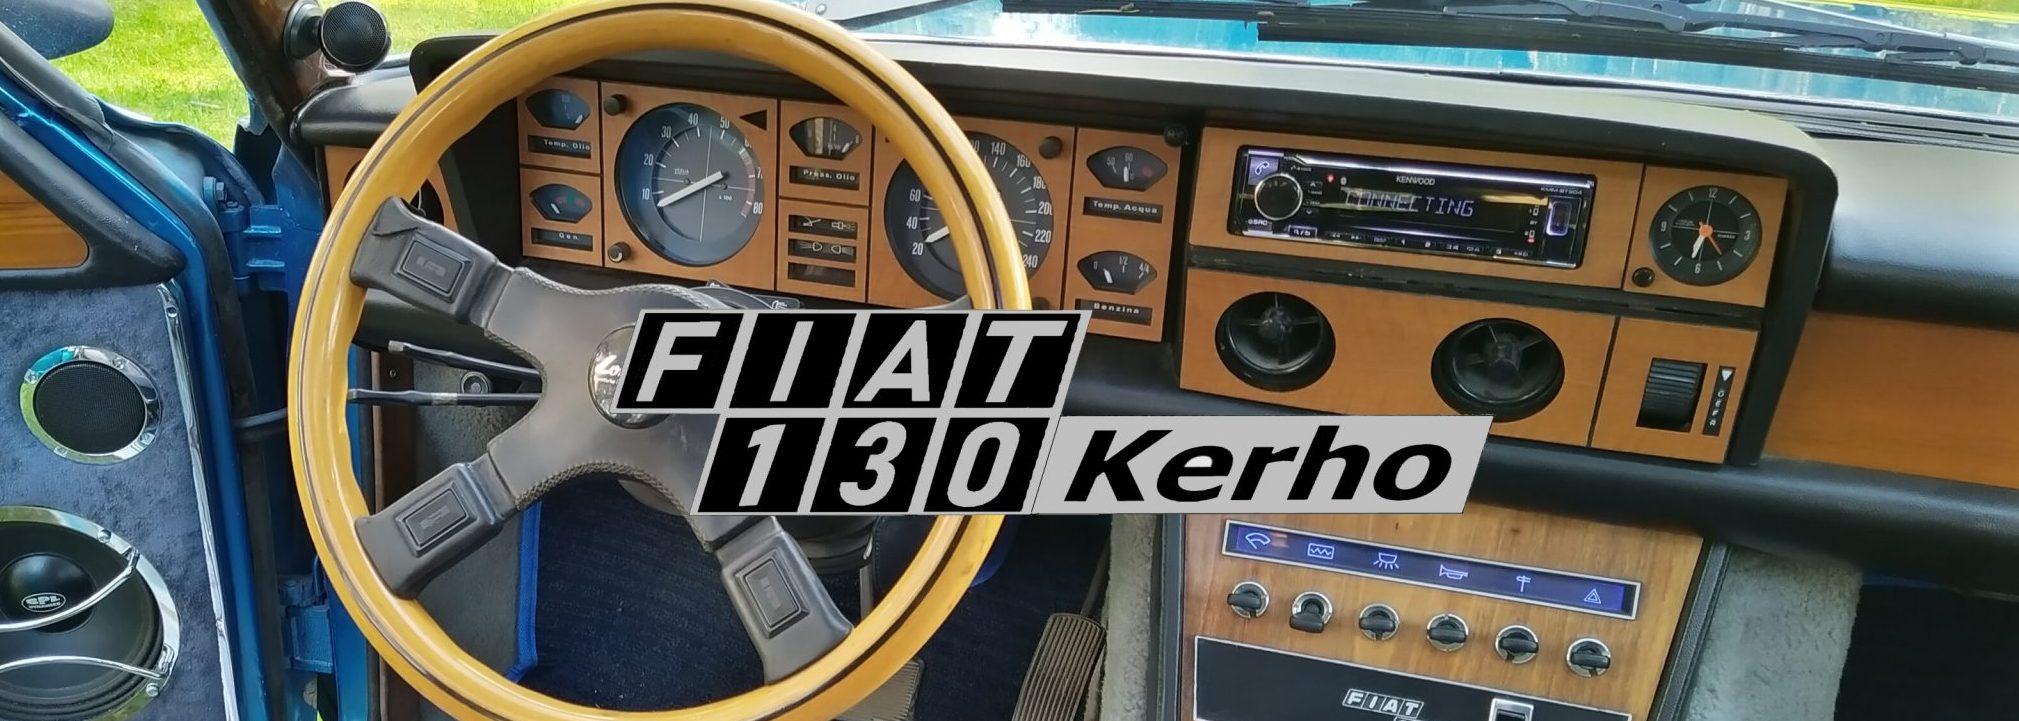 Fiat 130 Kerho